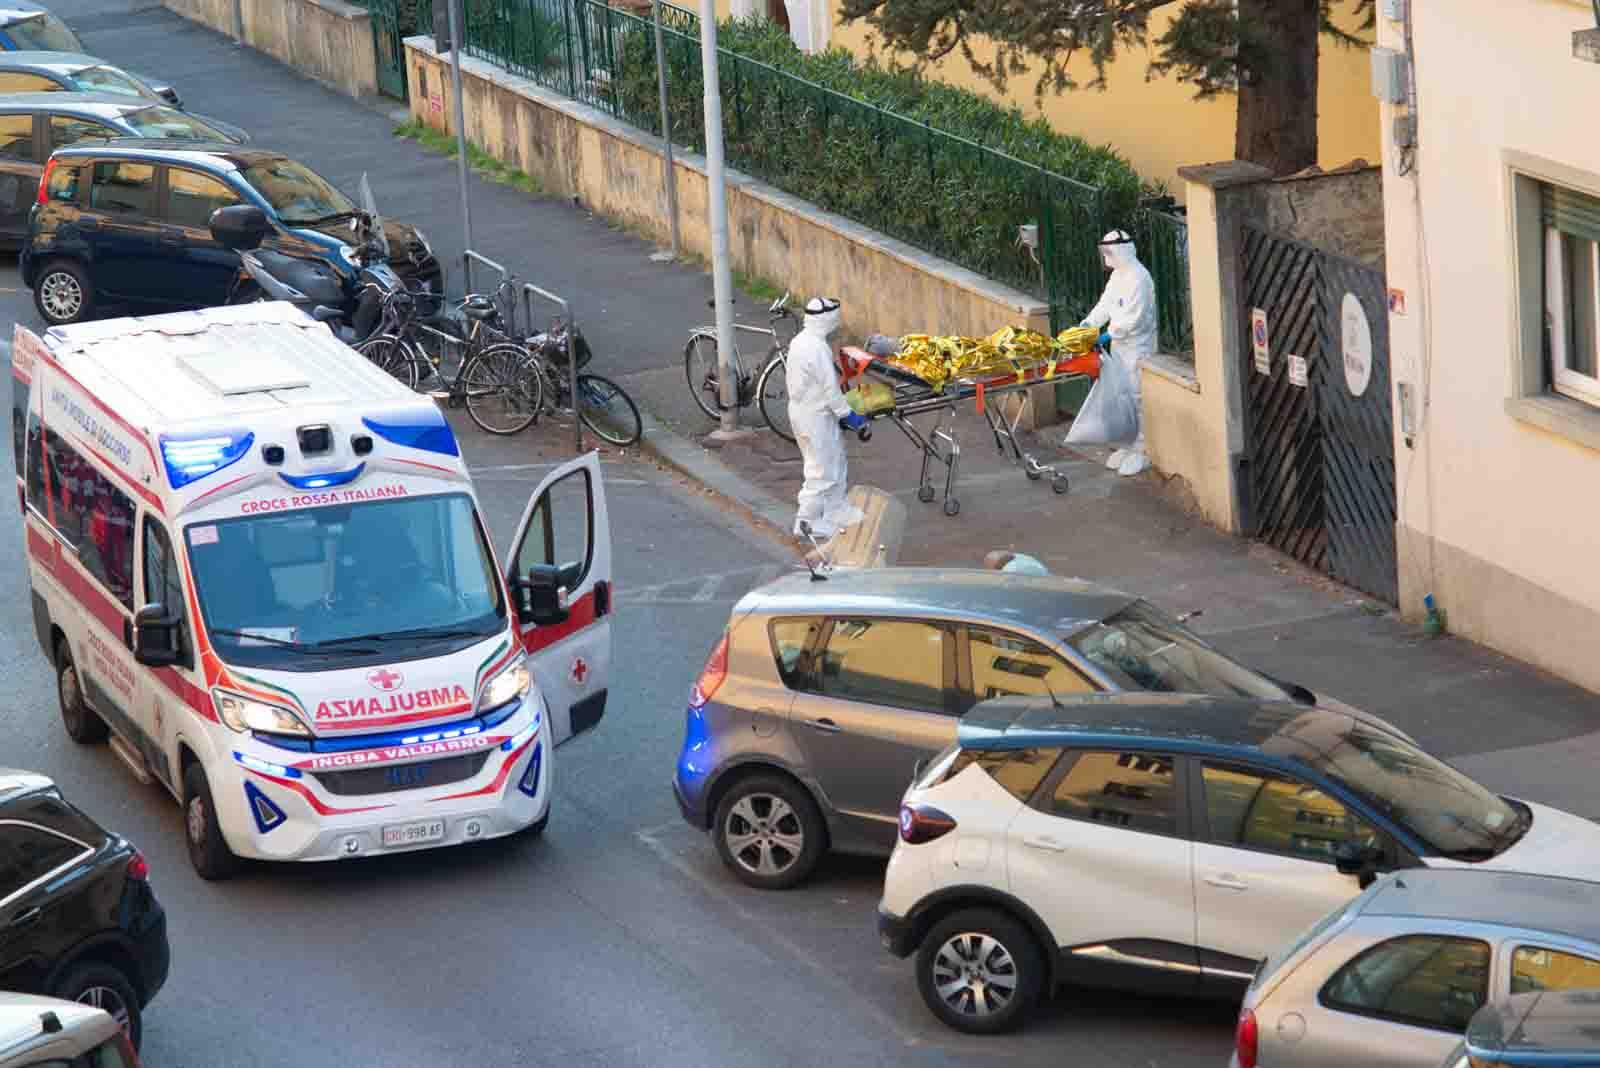 Coronavirus: anziani positivi in Rsa via Datini, trasferiti con le ambulanze